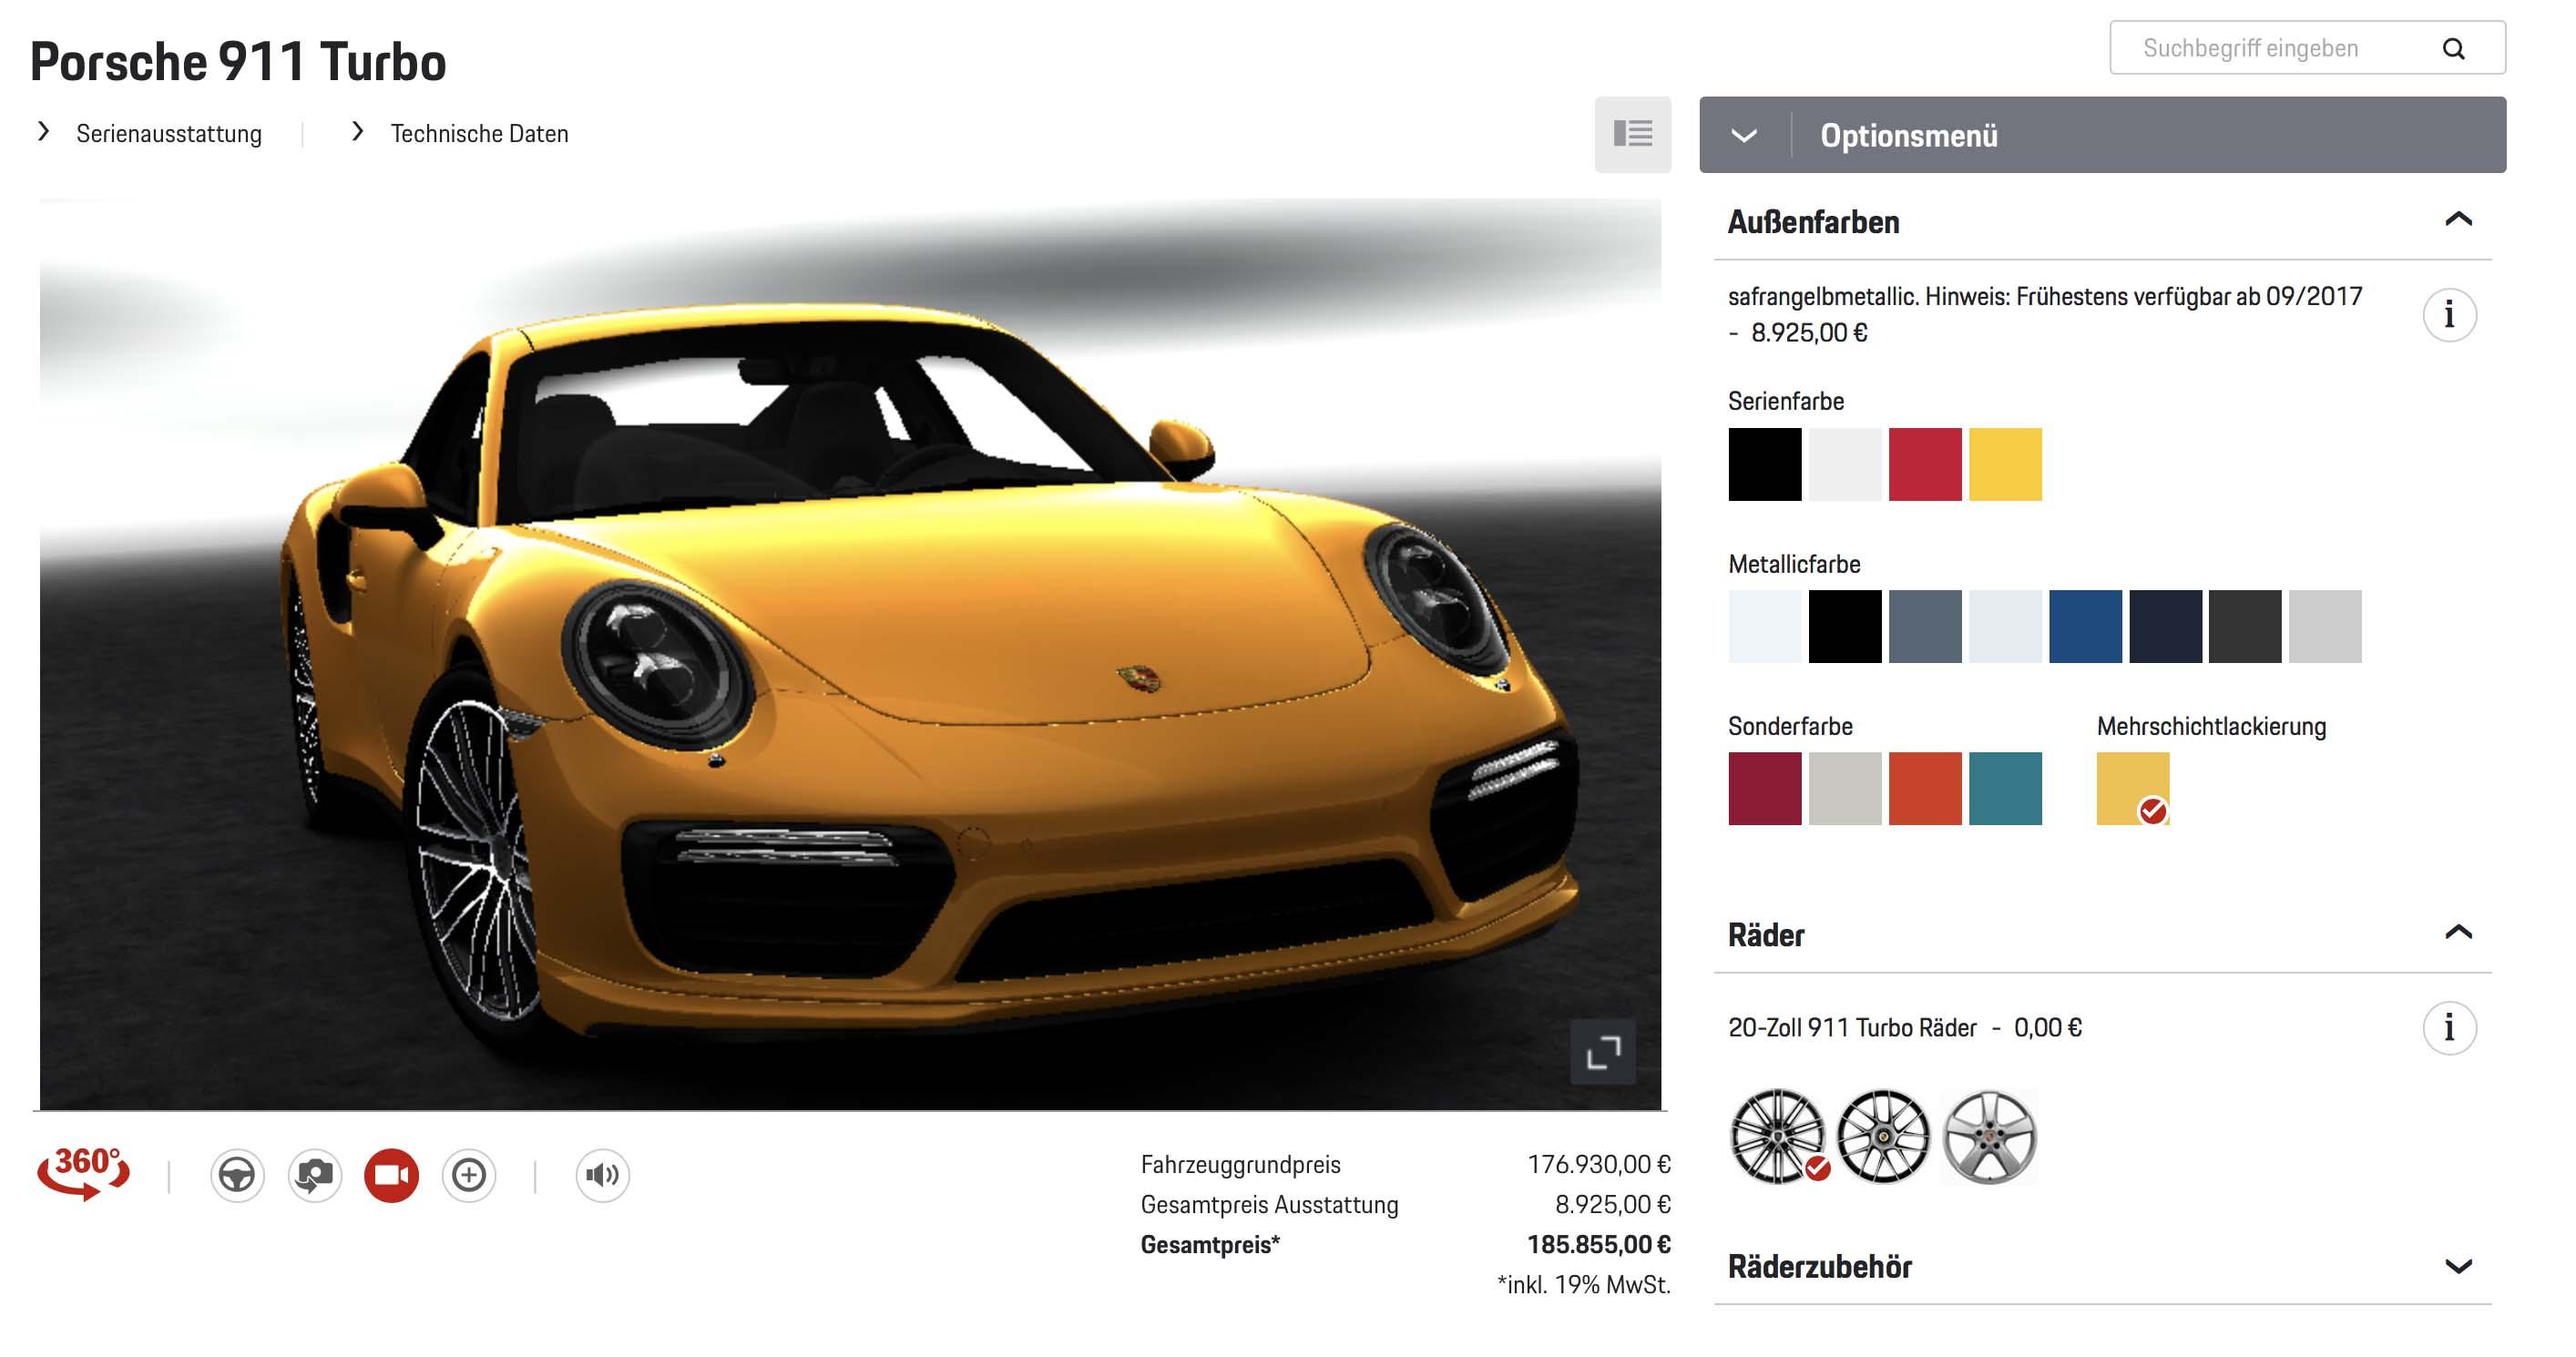 911 Turbo im Car Configurator in Saffran Gelb Metallic - Diese gelbe Lackierung gibt es für 9.000 Euro für Porsche 911 Turbo Modelle